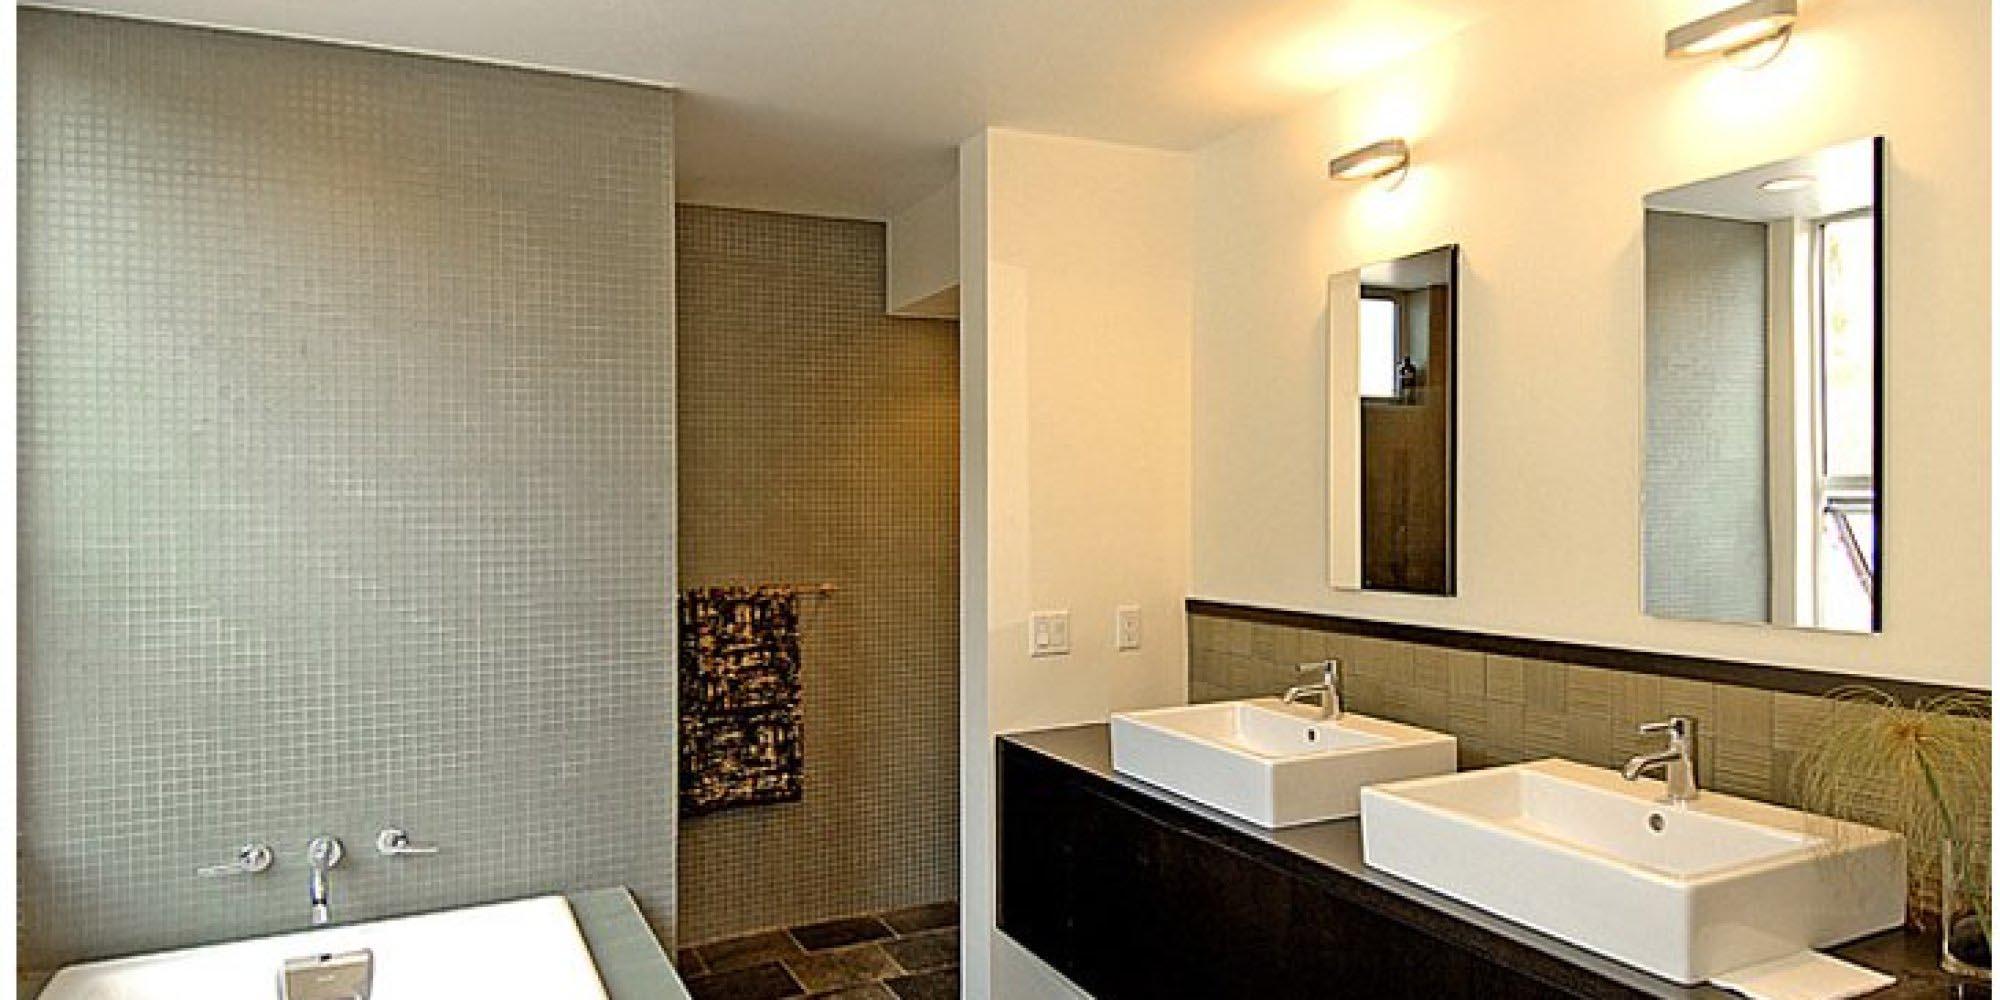 Bath bar lighting fixtures light fixtures design ideas for Bath bar light fixture